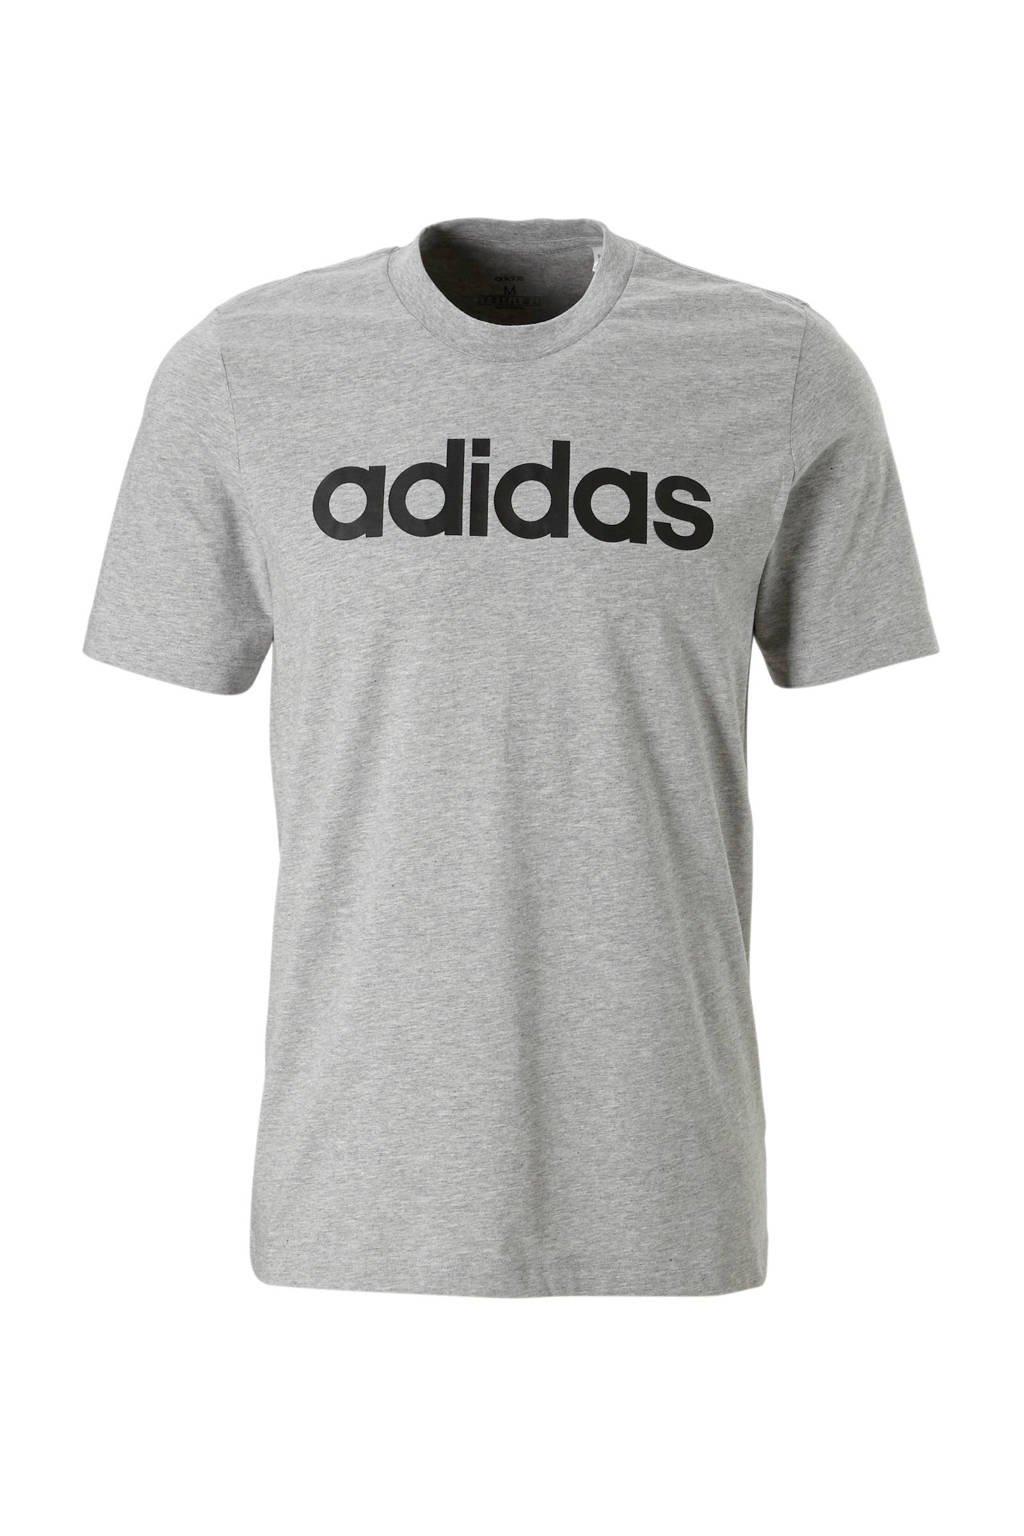 adidas Performance   sport T-shirt grijs melange, Grijs melange/zwart